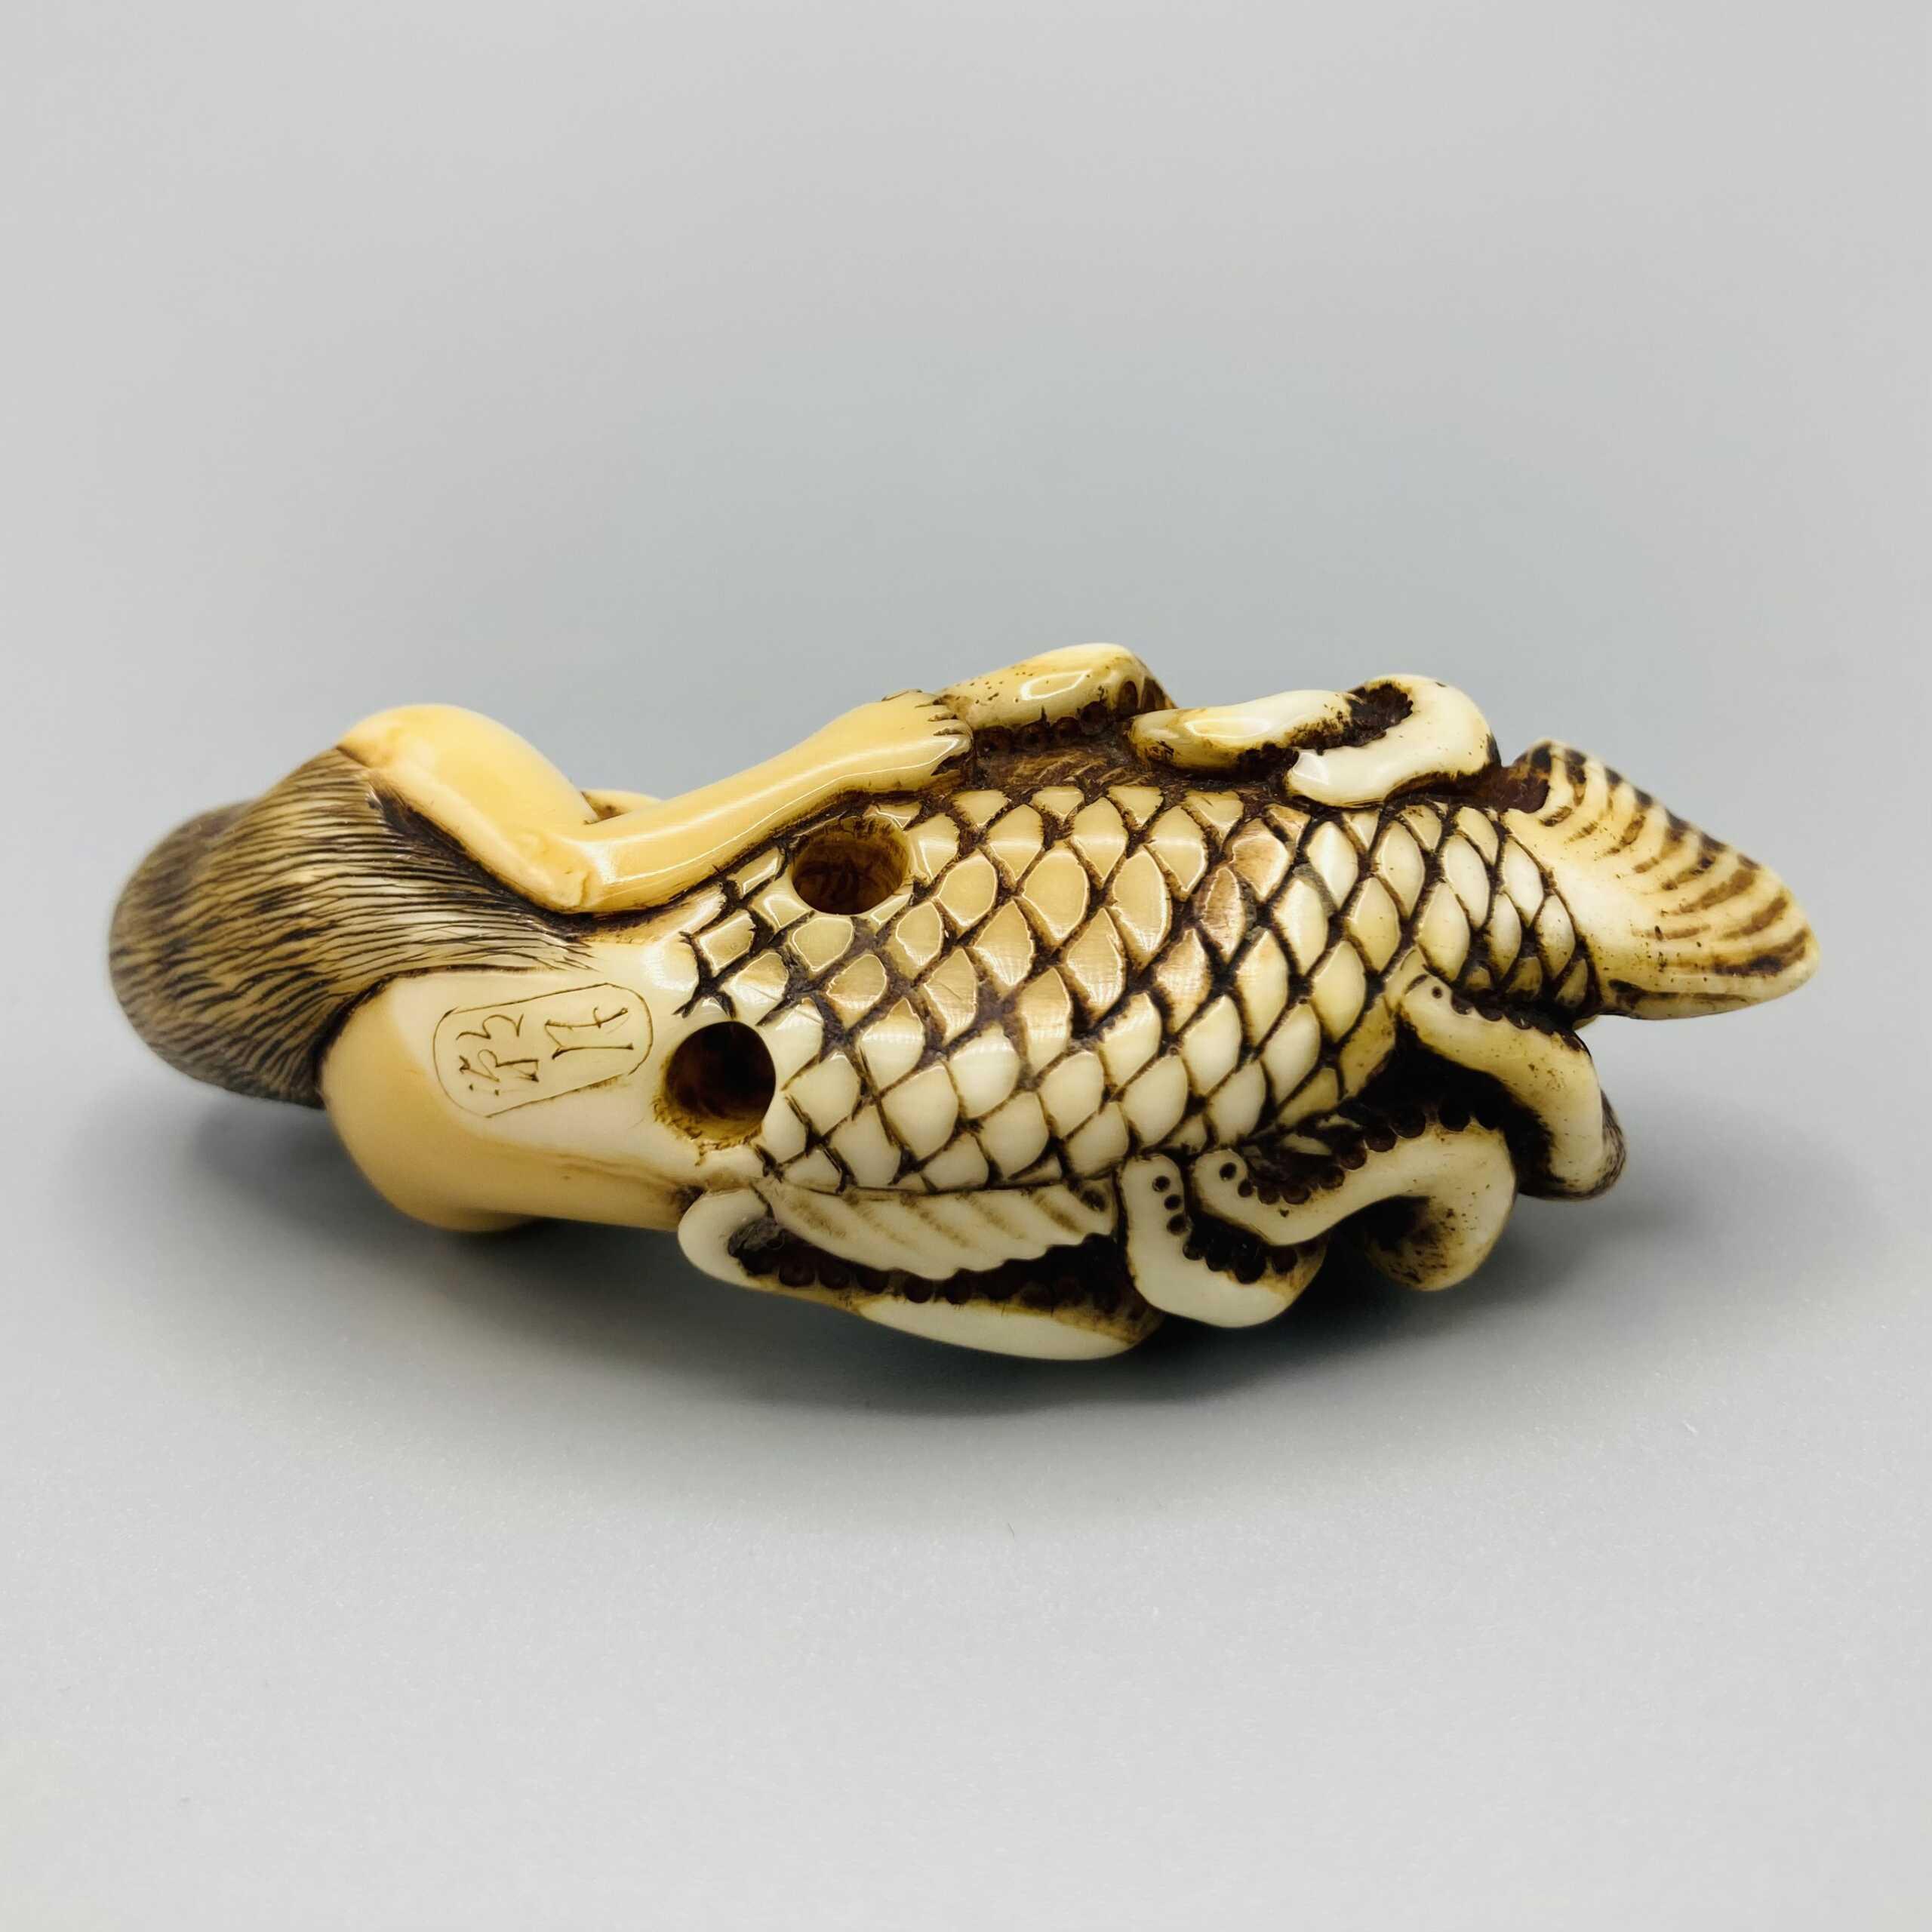 Chogetsu ivory mermaid netsuke 3